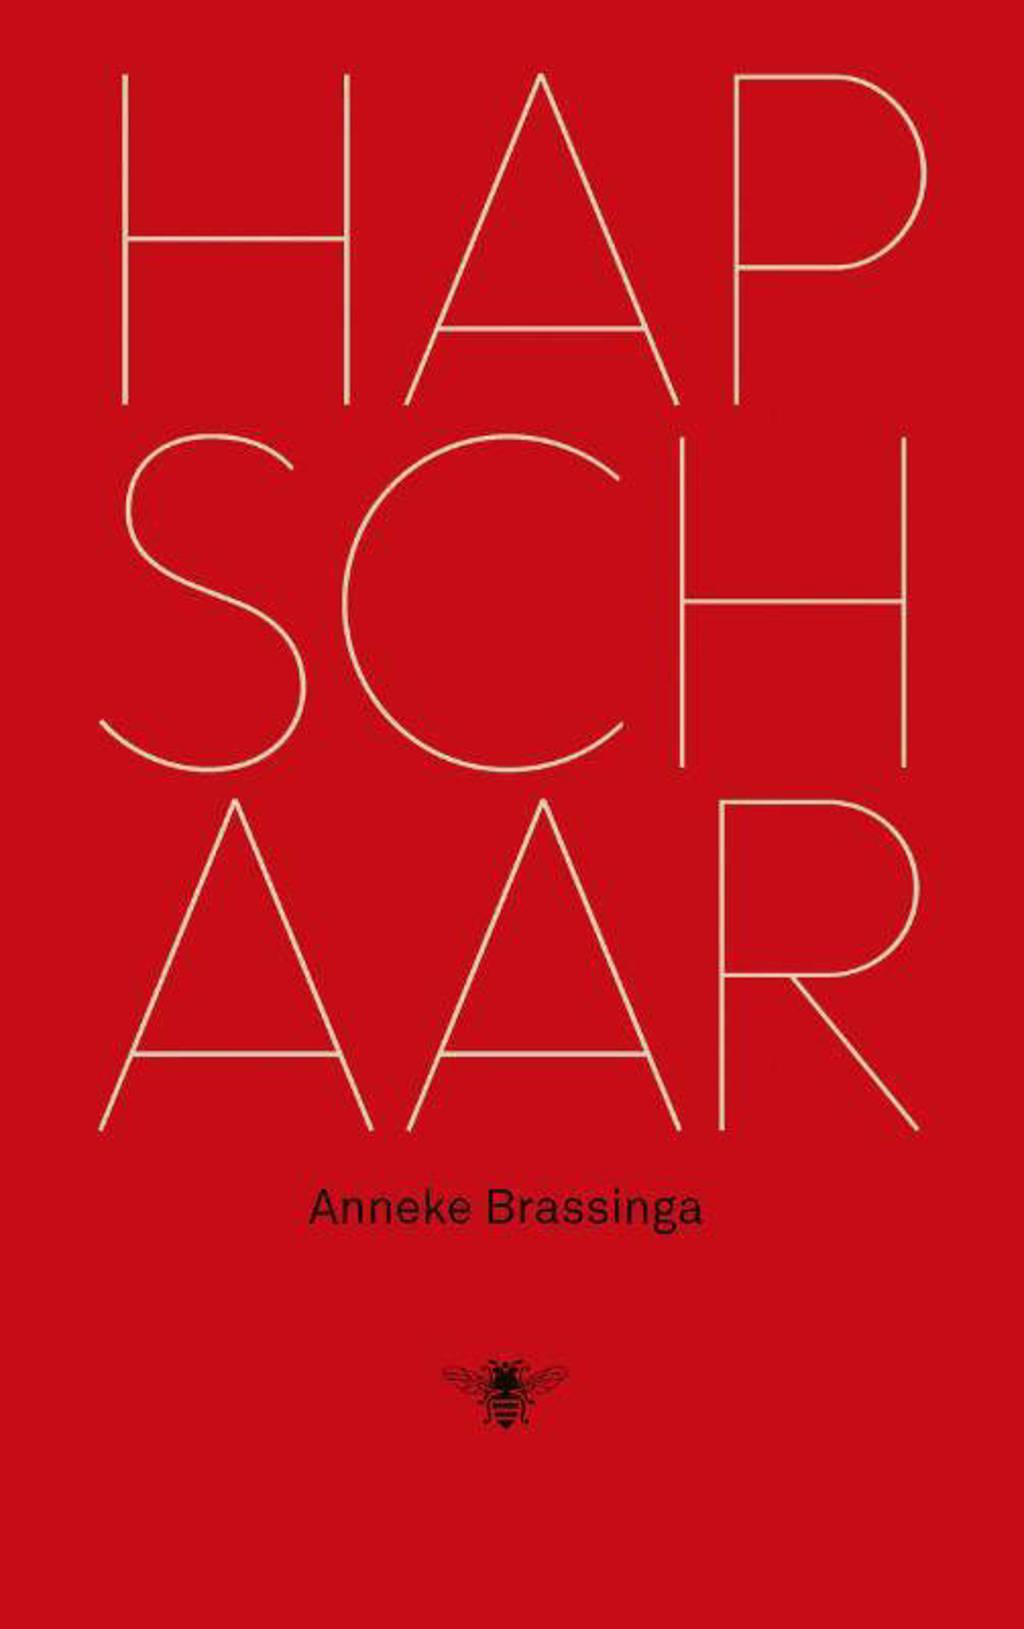 Hapschaar - Anneke Brassinga